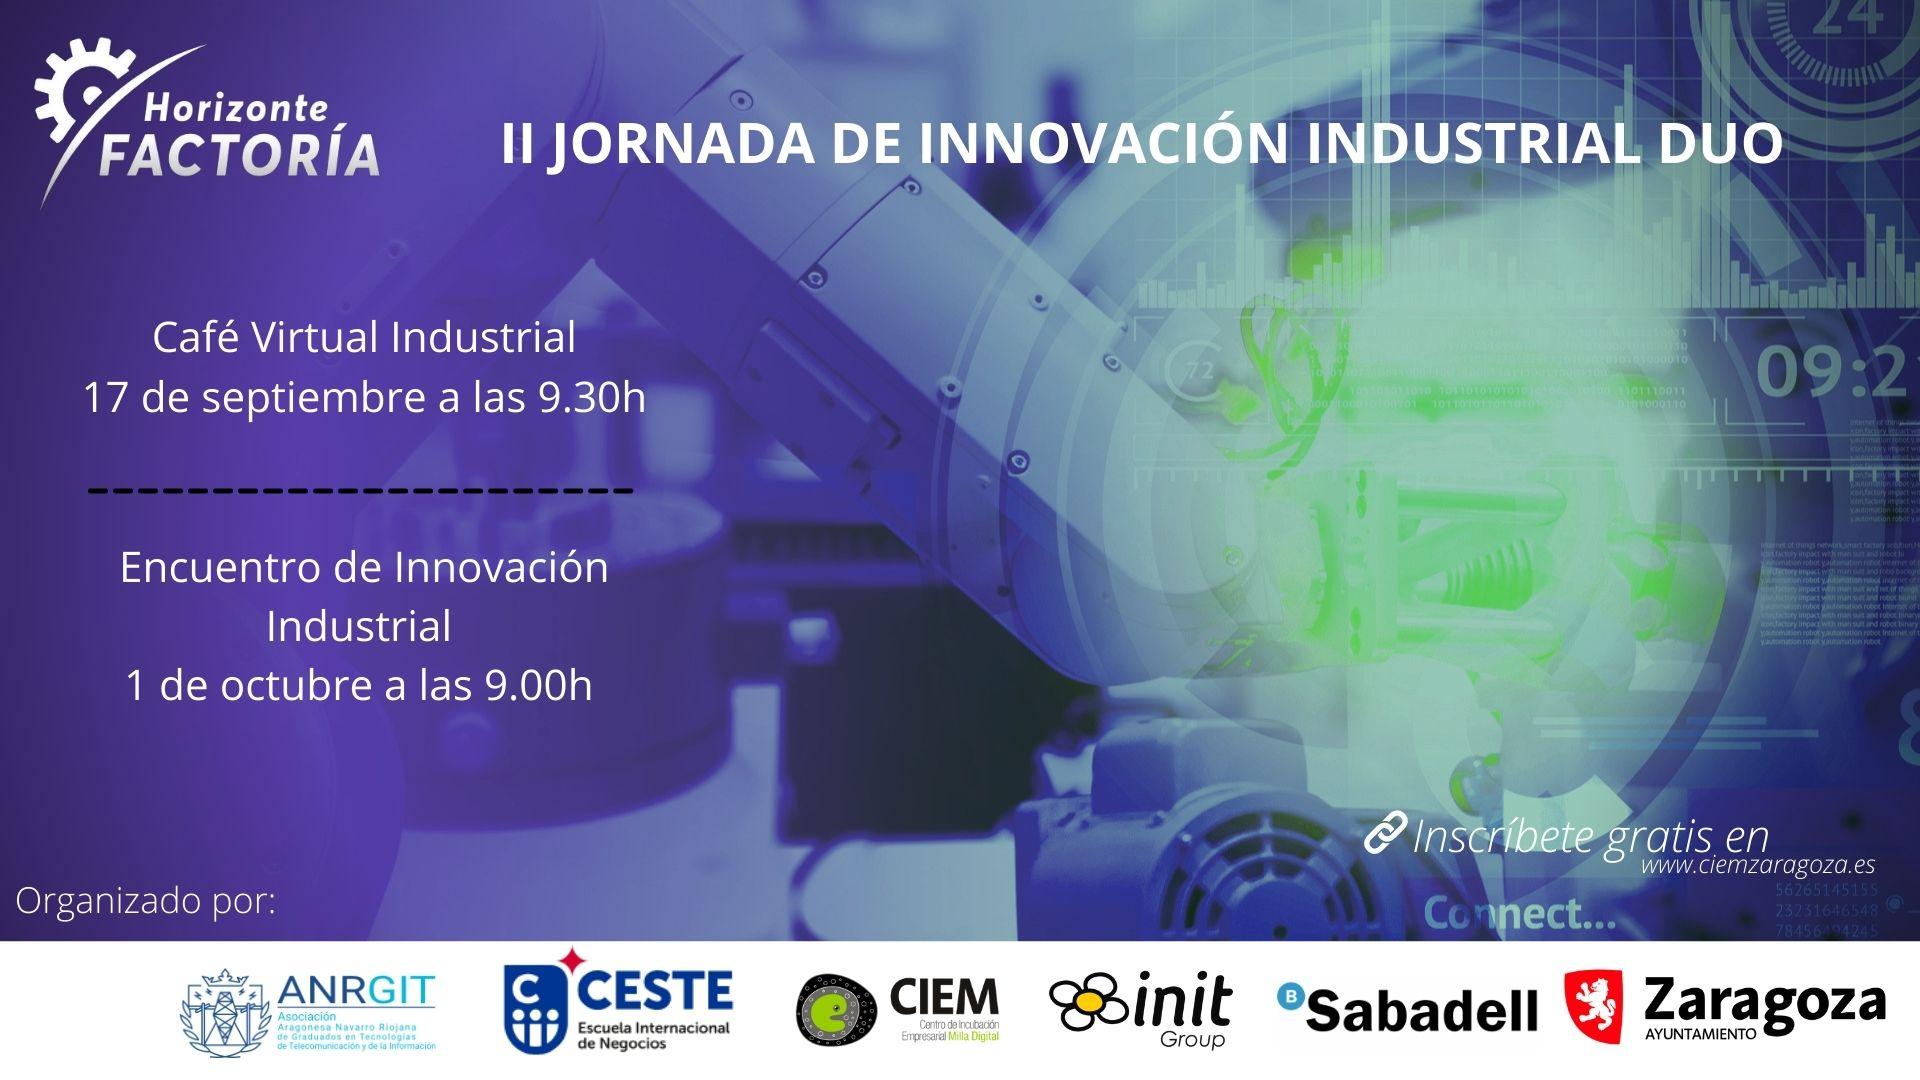 Horizonte Factoría. II Jornada de Innovación Industrial DUO